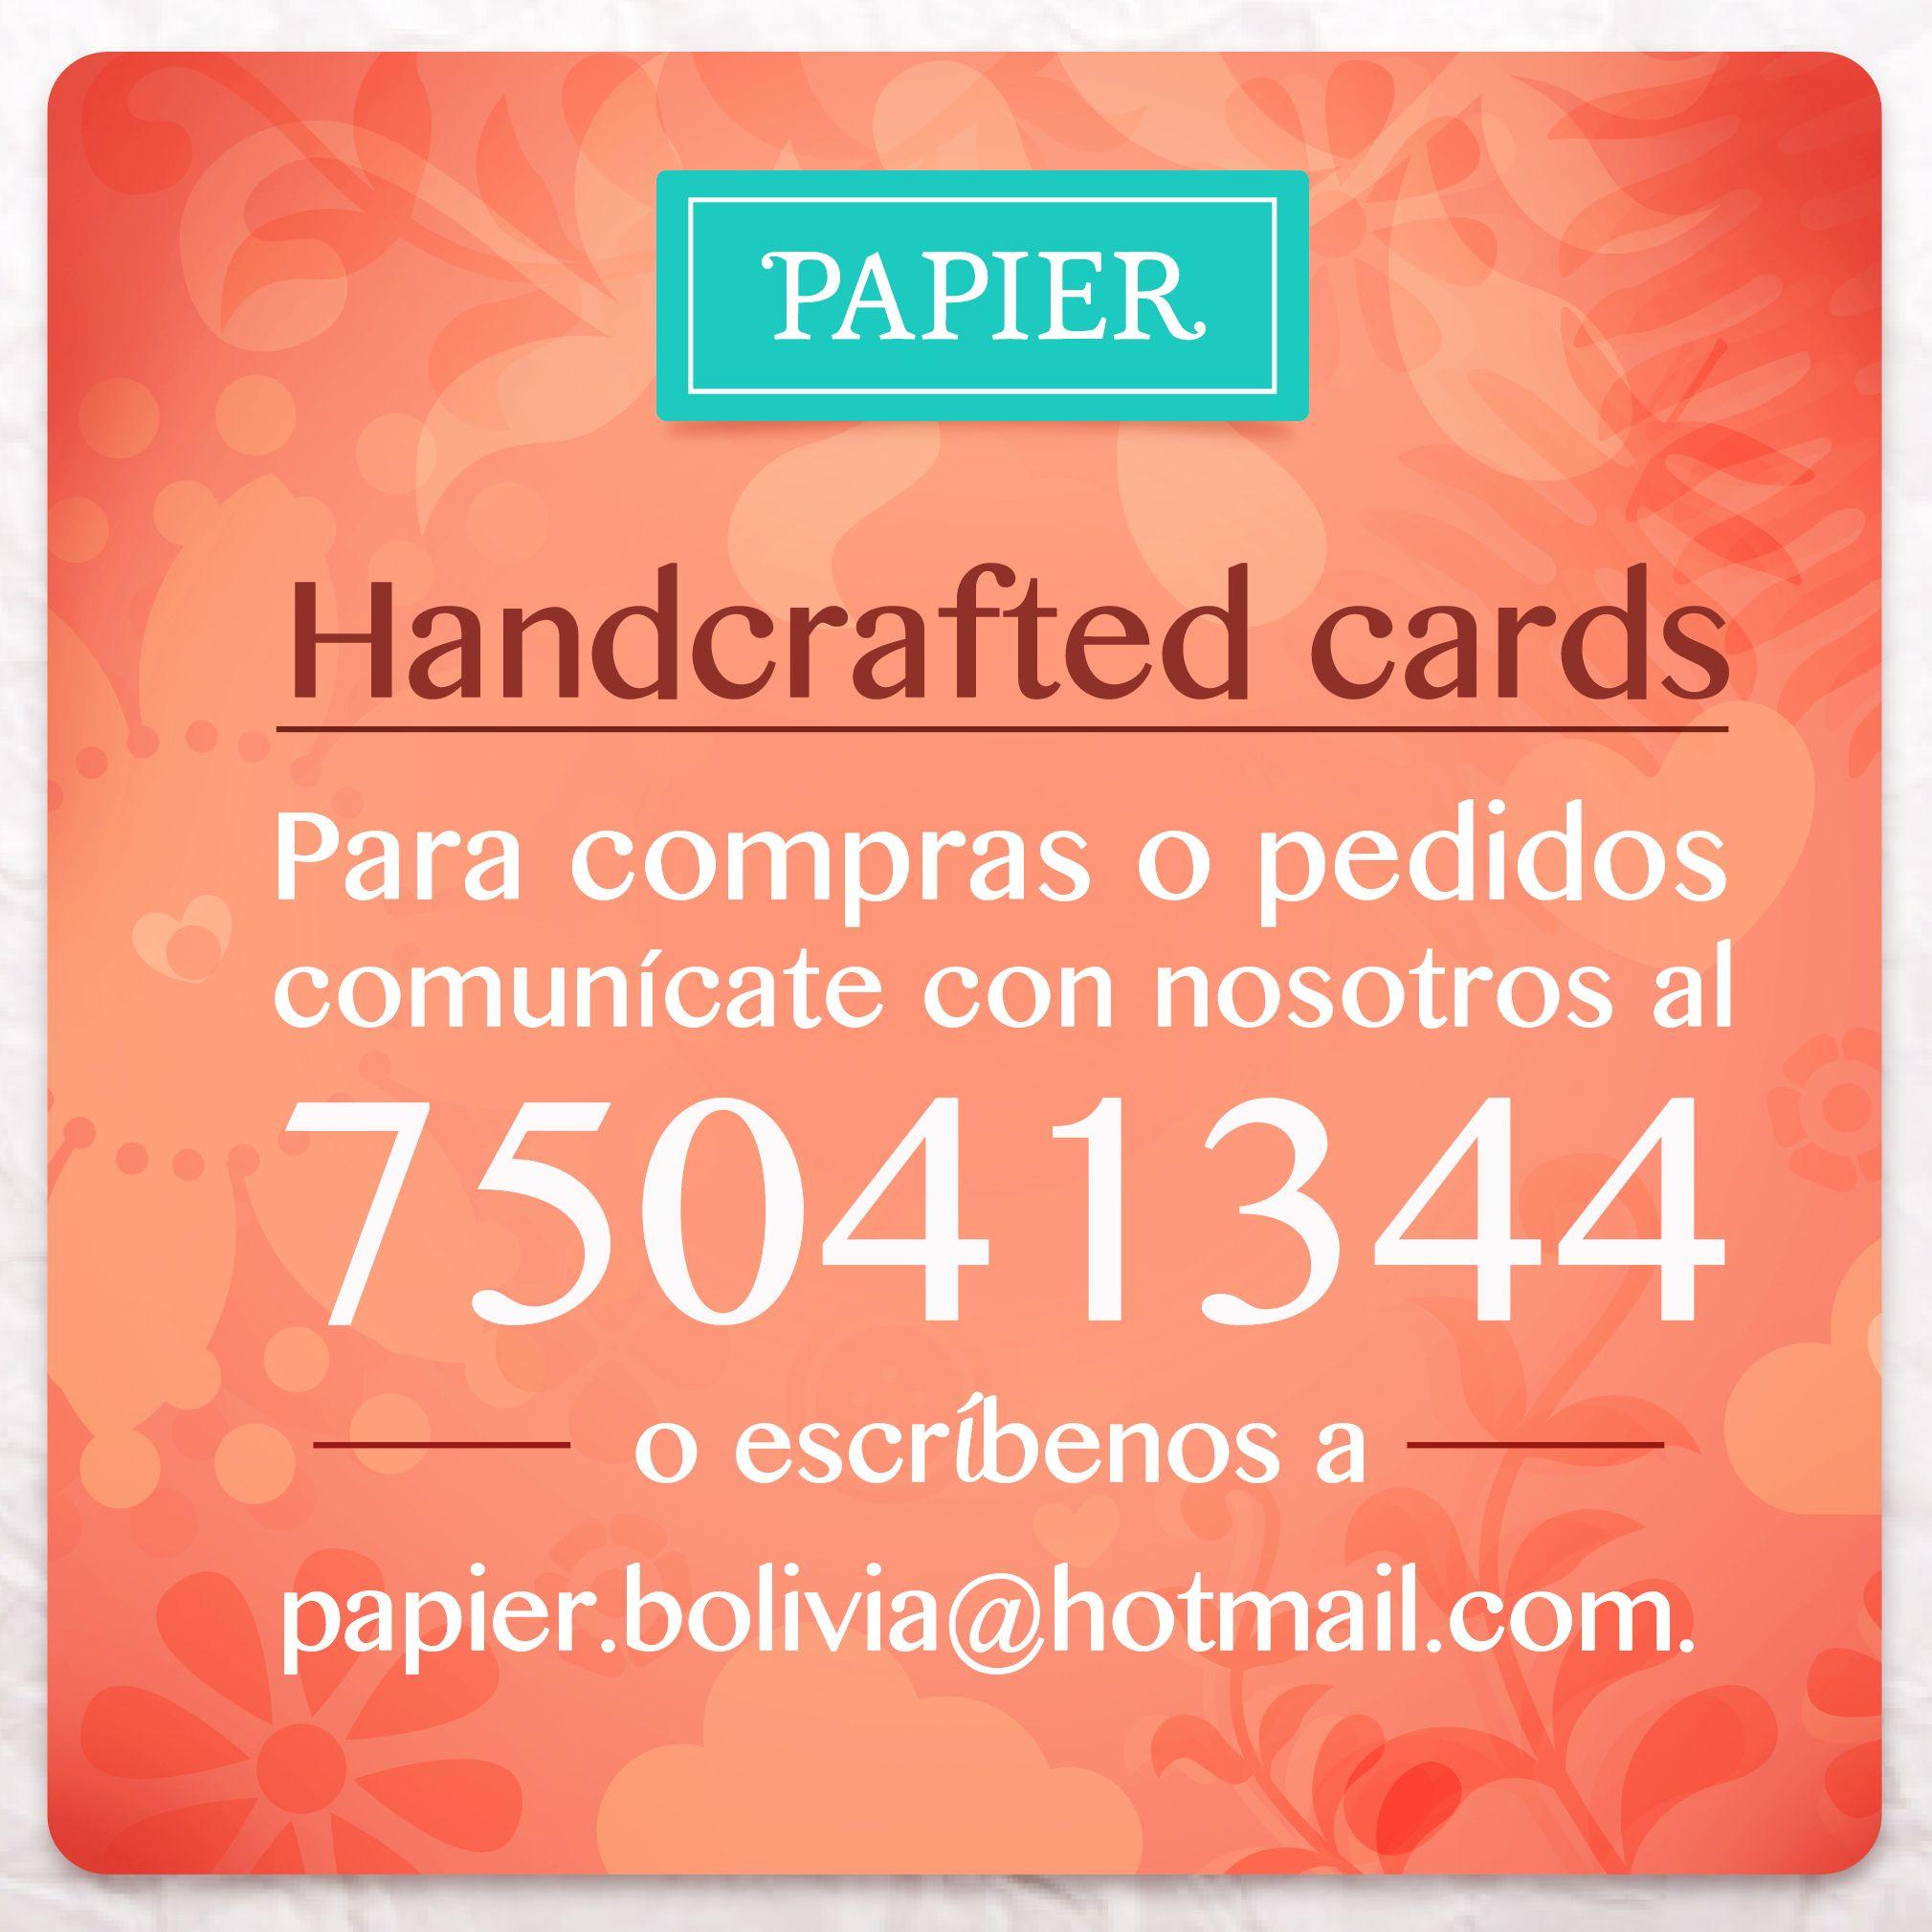 Papier te ofrece tarjetas con diseño exclusivo y vanguardista! Nos enfocamos en los detalles haciendo especial cada ocasión. Encuéntranos también en Instagram como Papier_Oficial